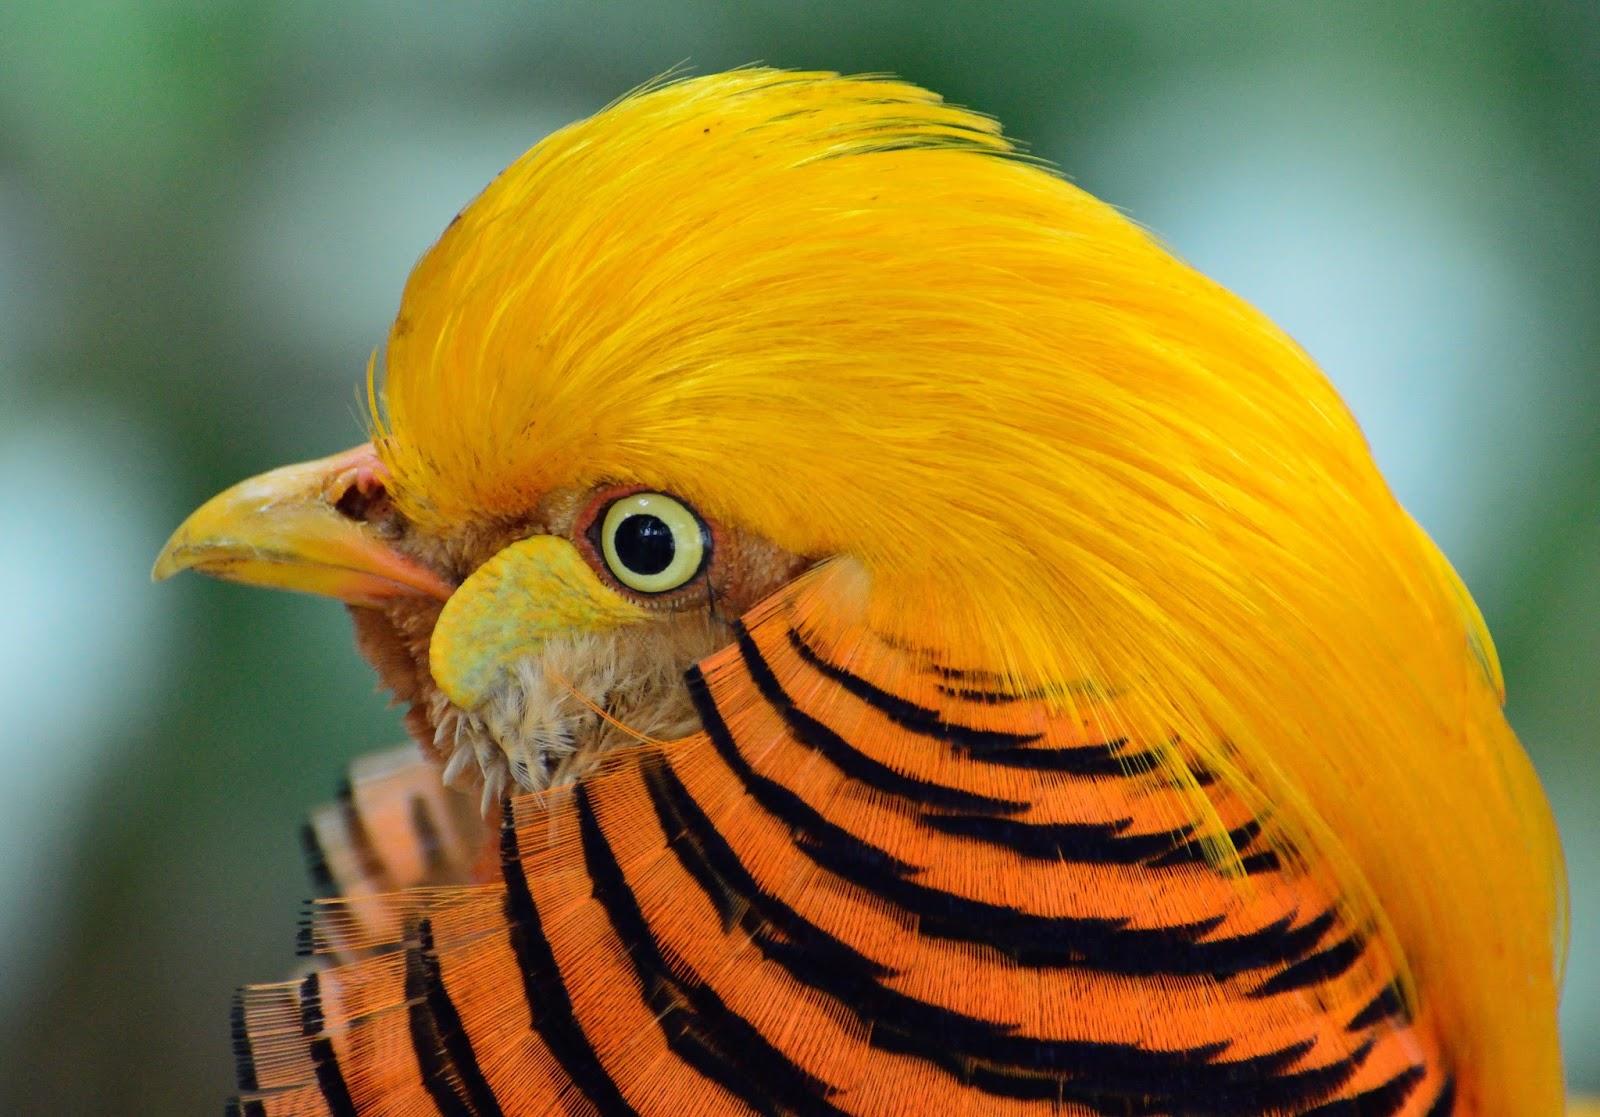 بالصور اجمل الطيور في العالم , اغرب الطيور الموجوده فالعالم 3614 7